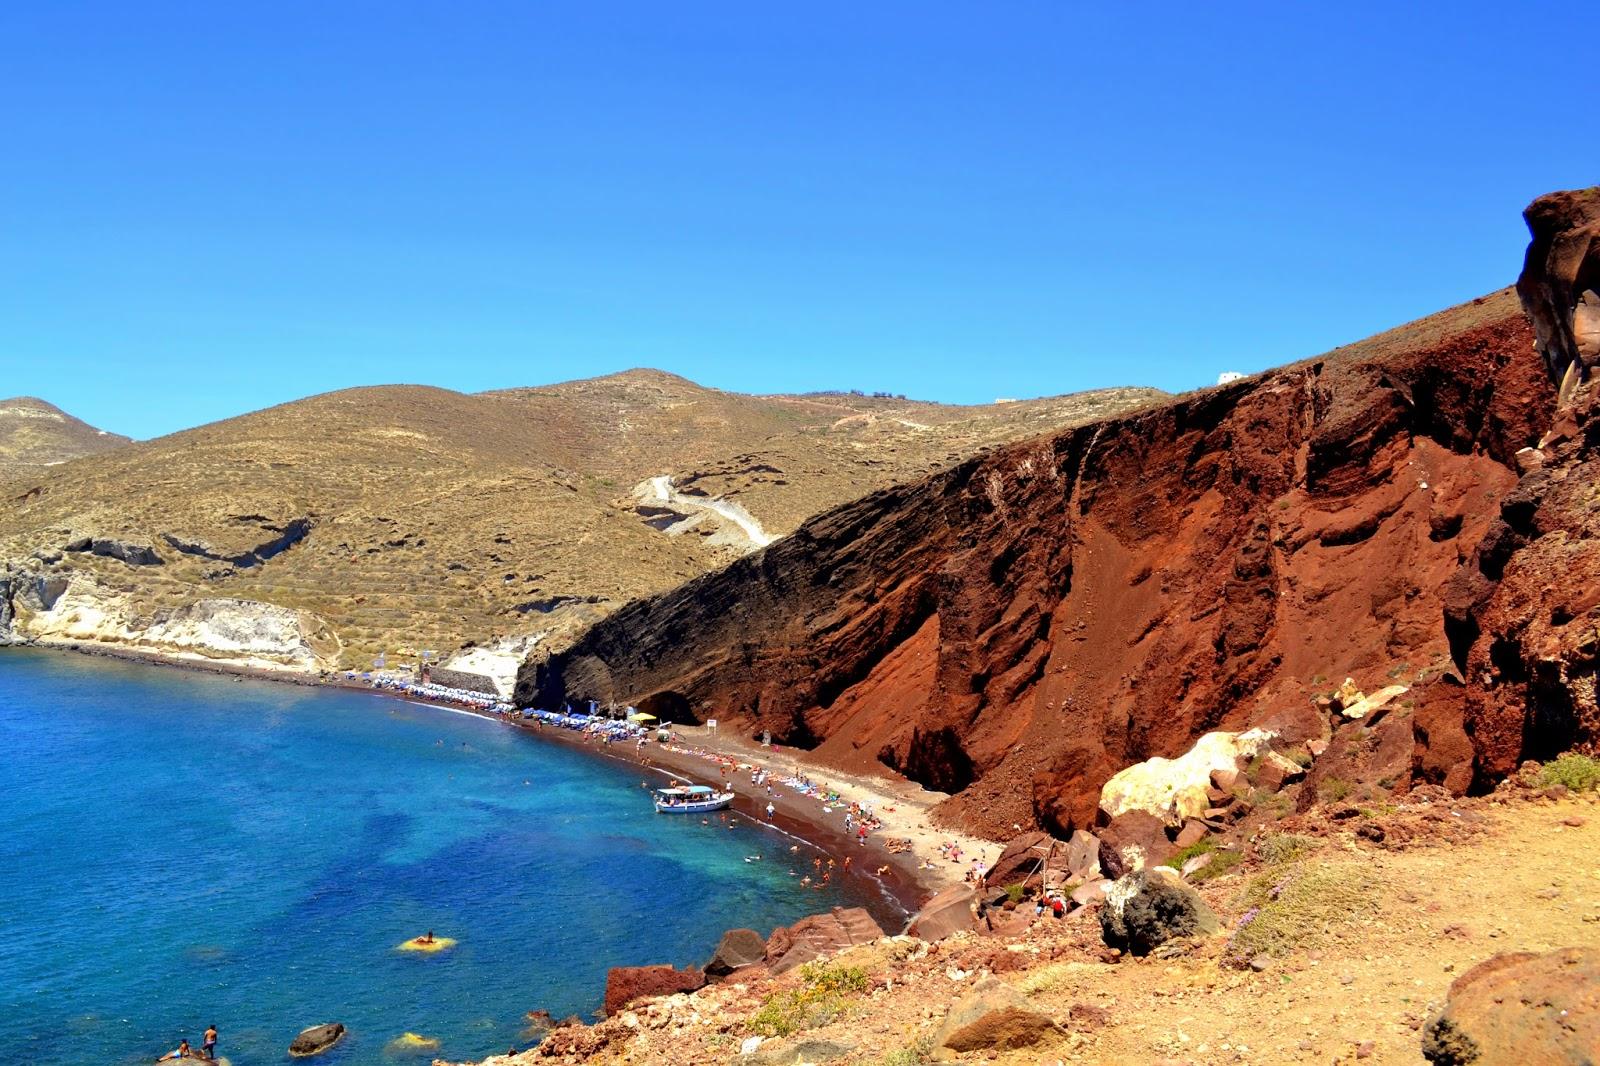 Czerwona plaża, Plaże na Santorini, wycieczka na Santorini, plaża Santorini